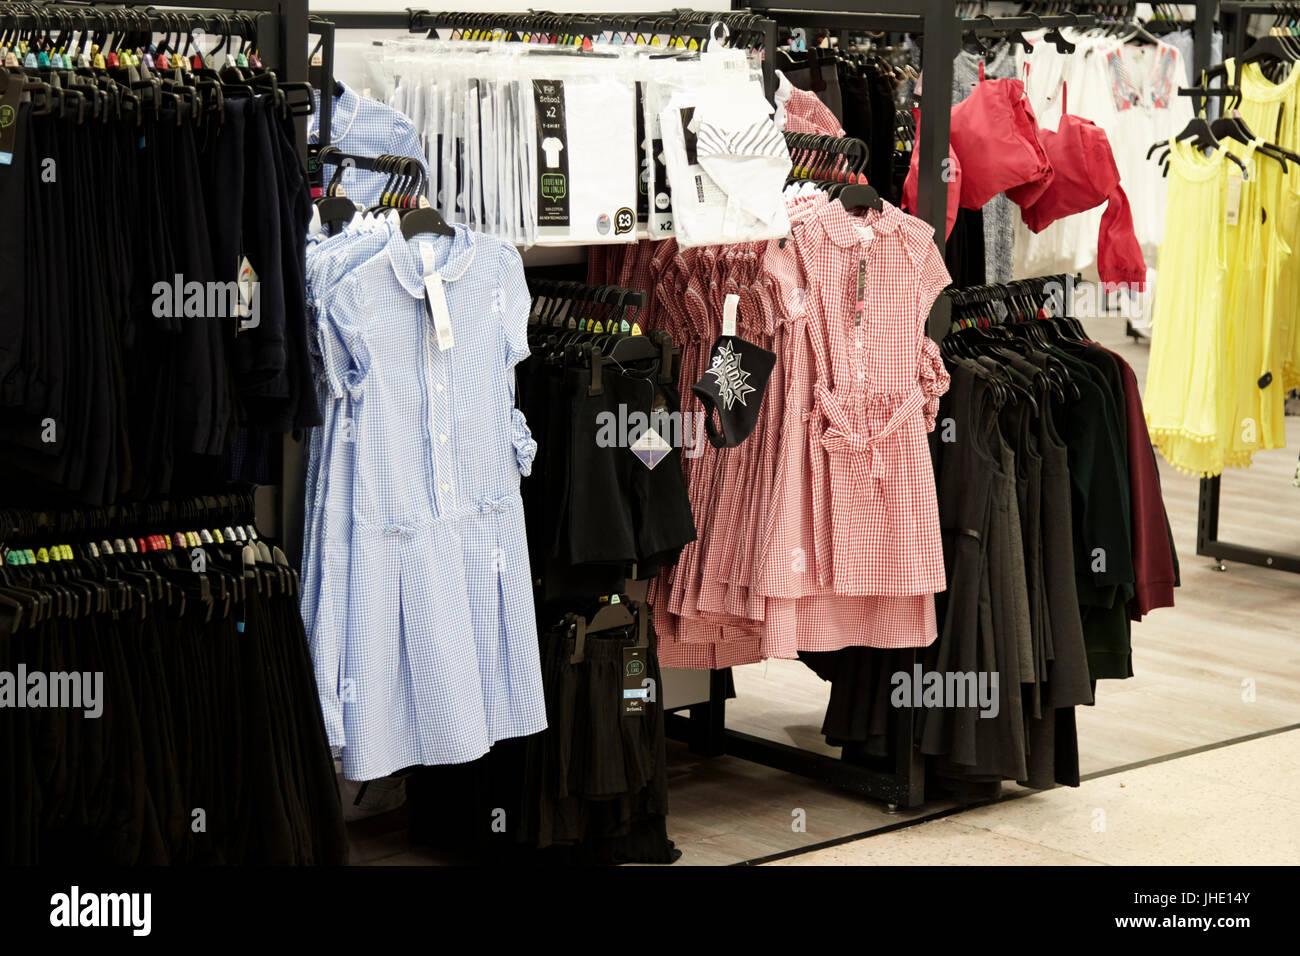 Cheap uniformes escolares para la venta en un supermercado Tesco en el reino unido Imagen De Stock